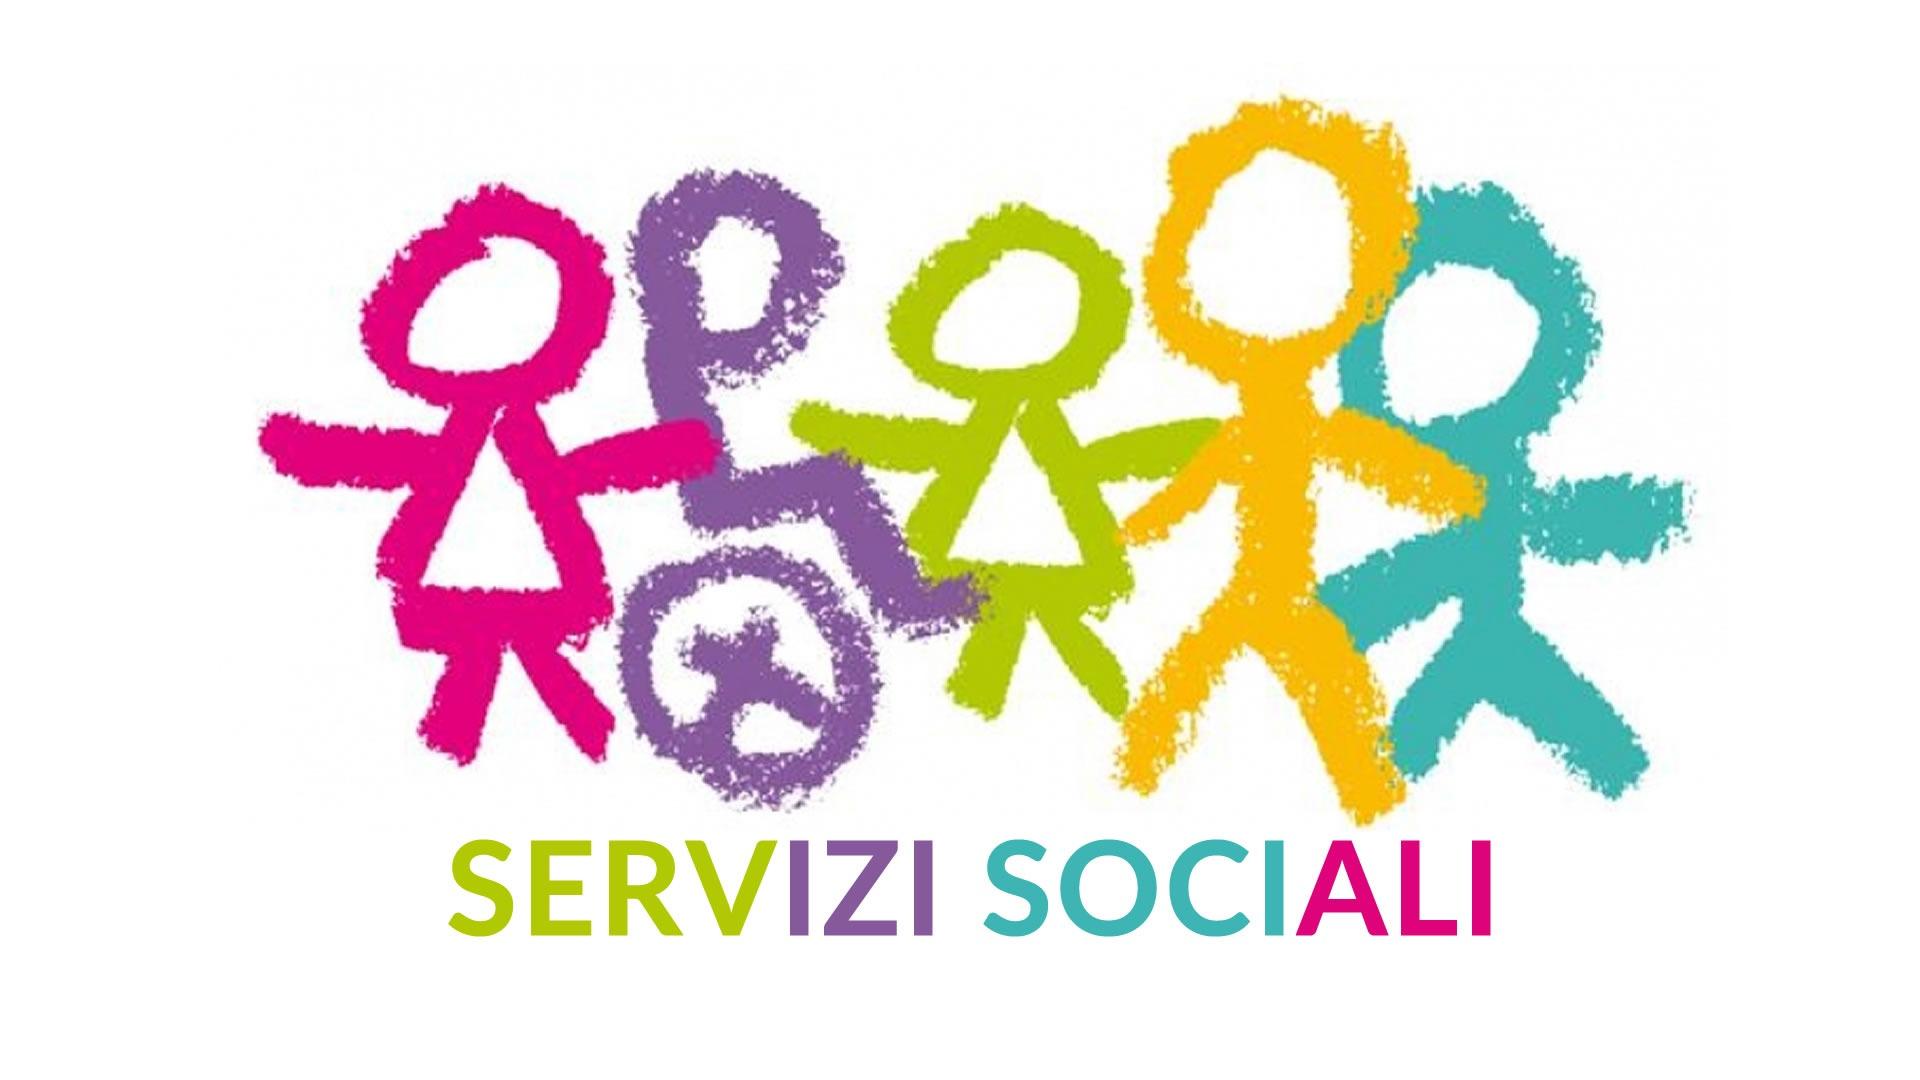 Risultati immagini per assistente sociale